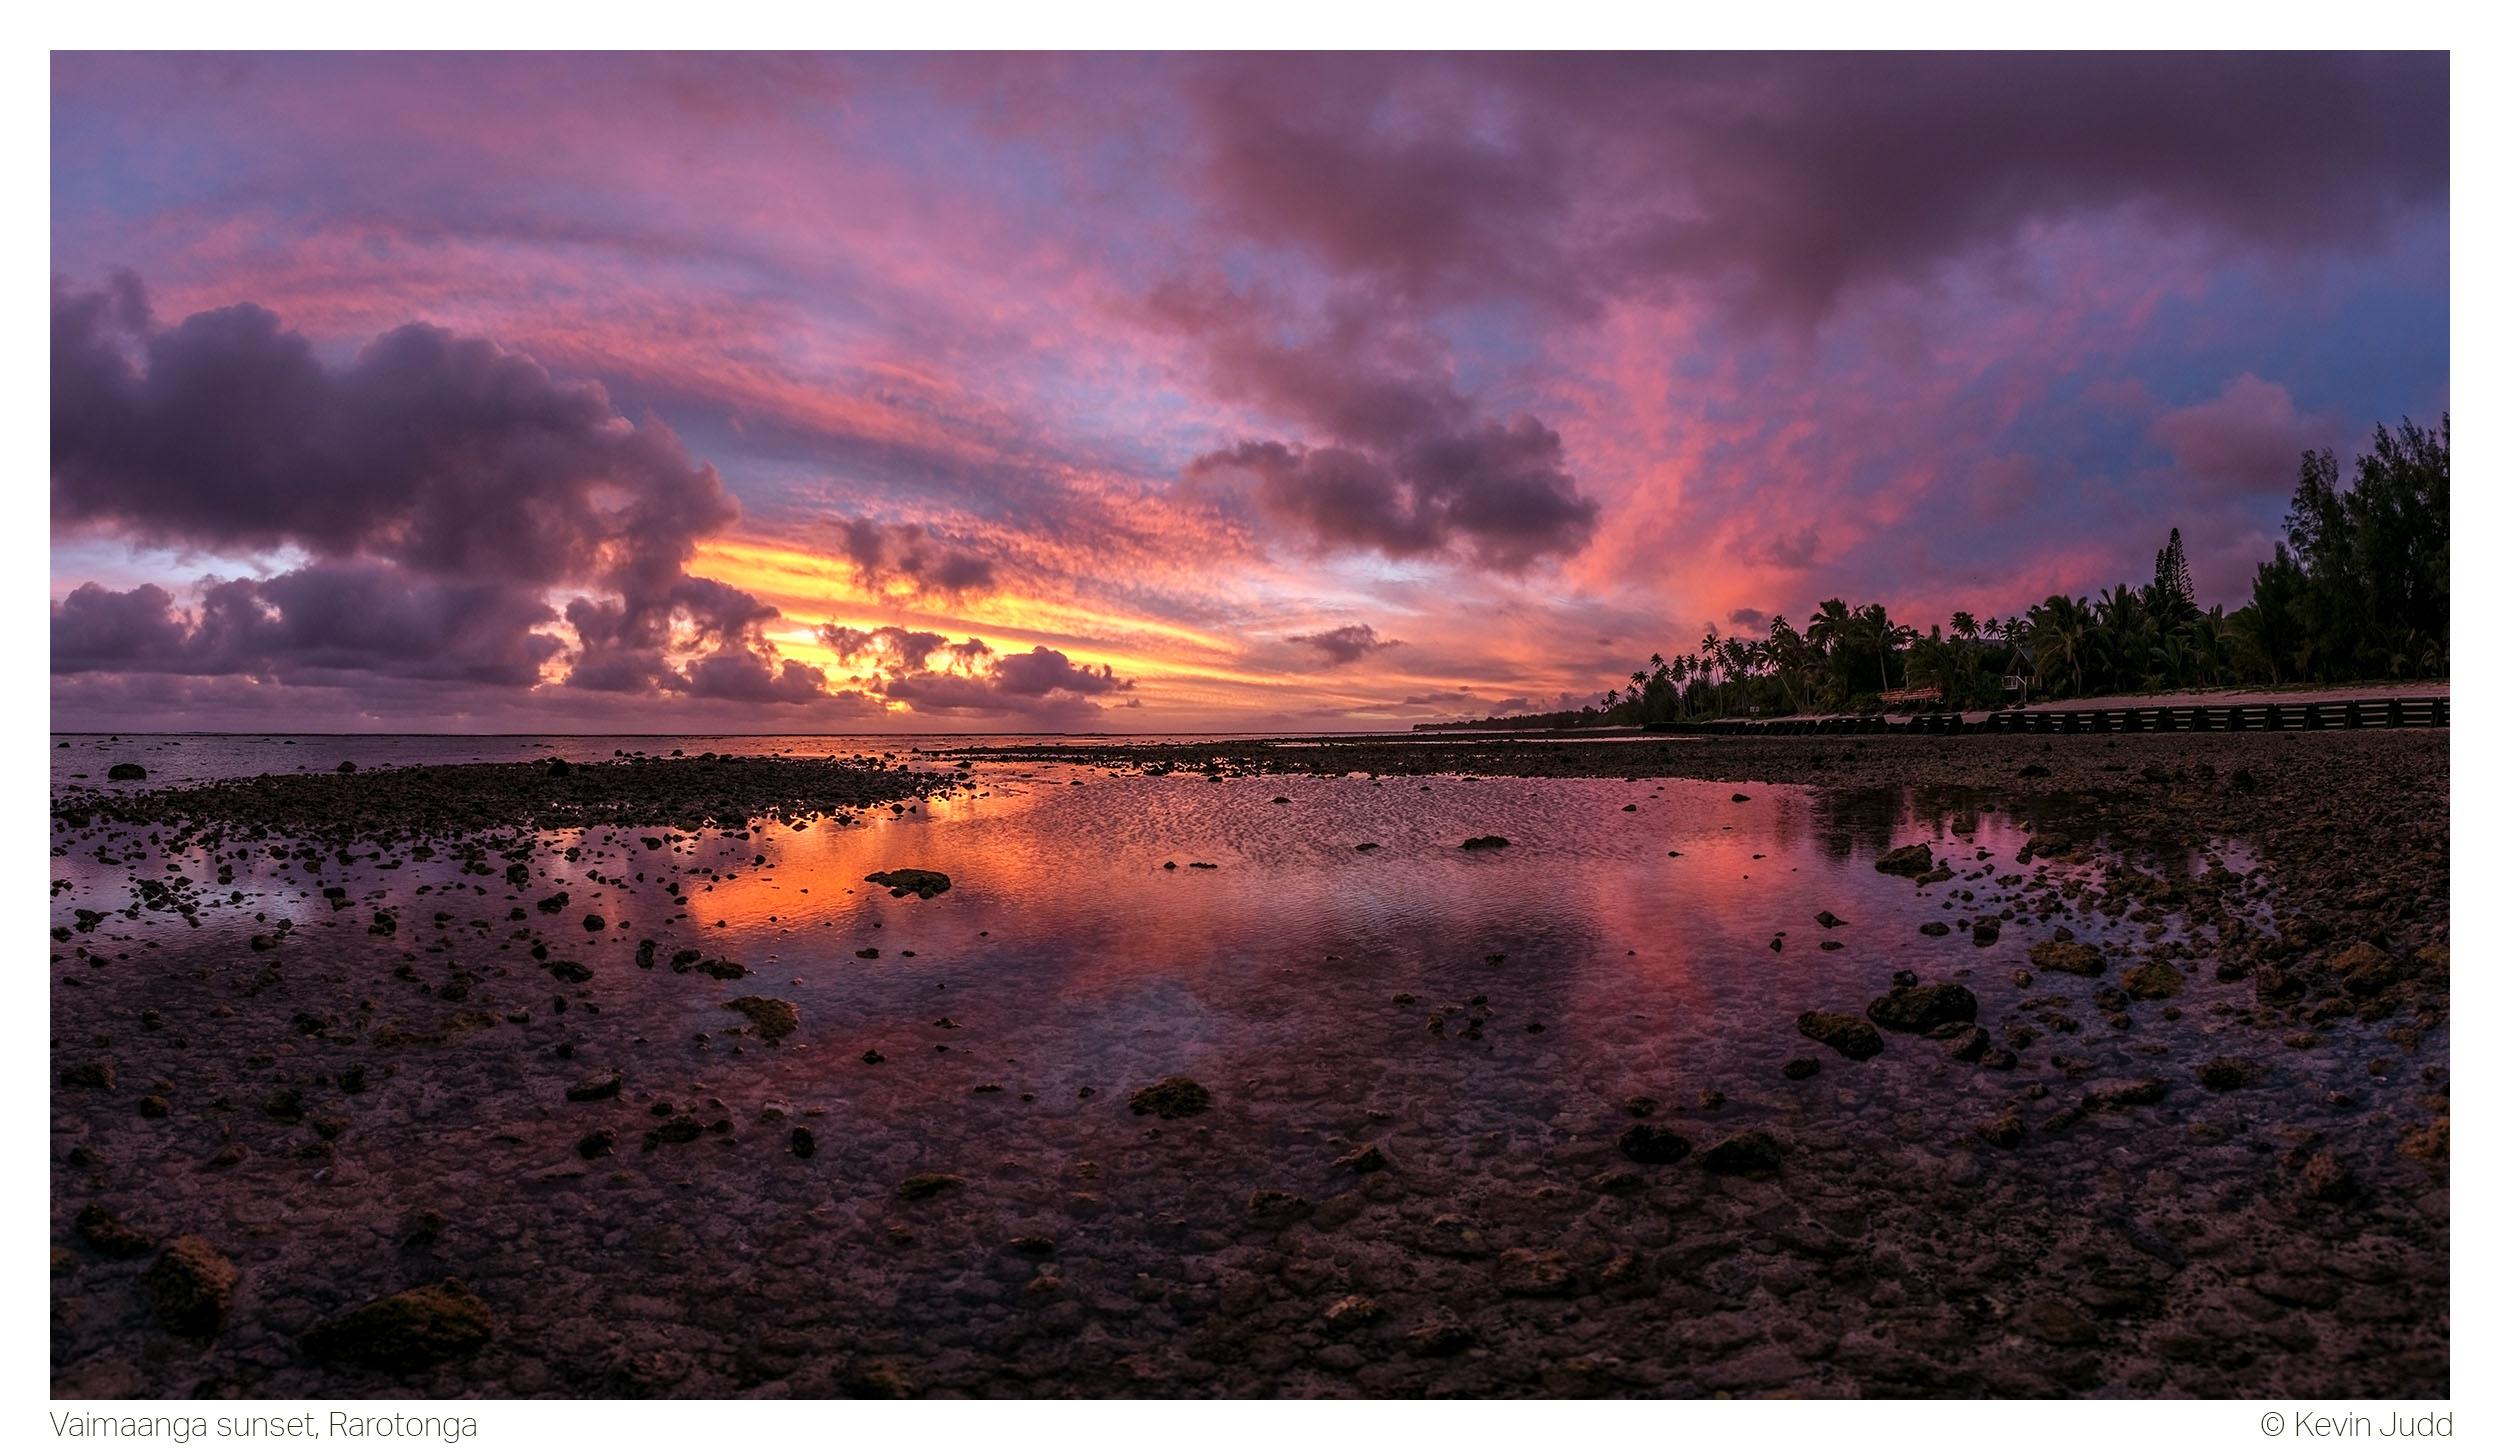 Vaimaanga sunset - Rarotonga.jpg